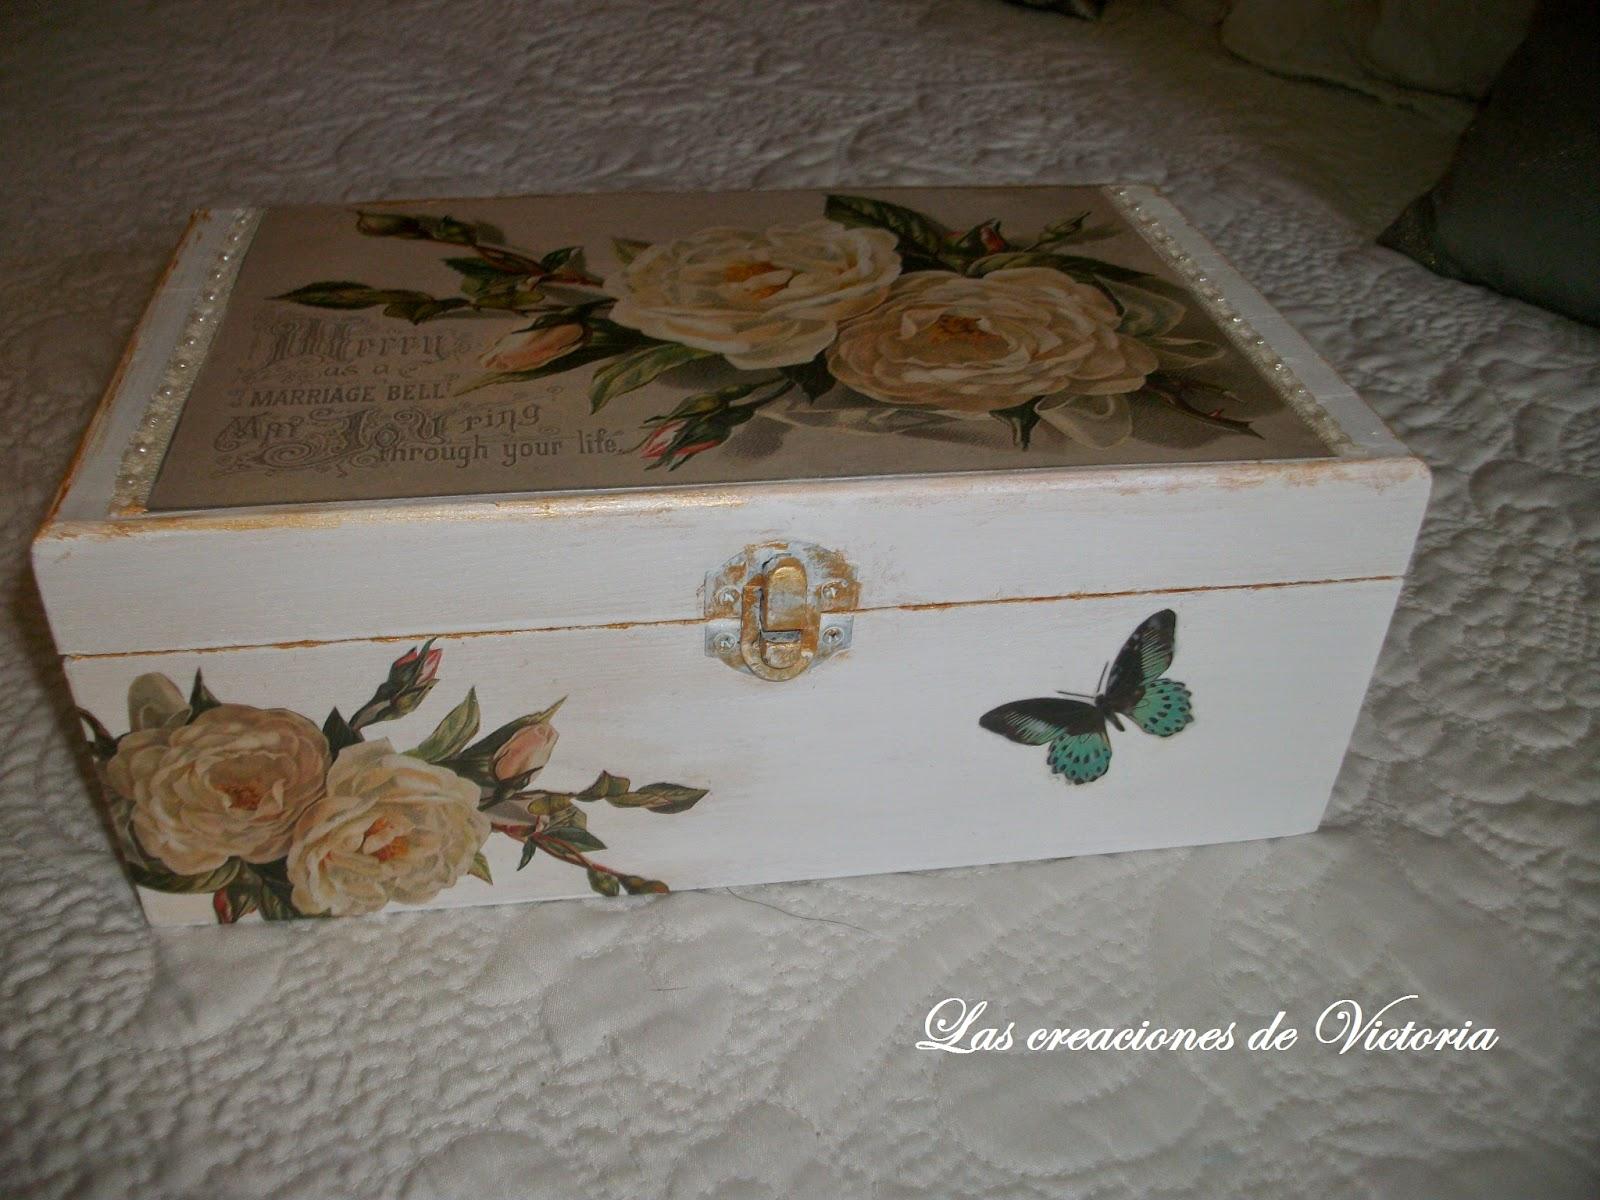 Las creaciones de Victoria.Caja vintage. Caja de madera con decoupage.